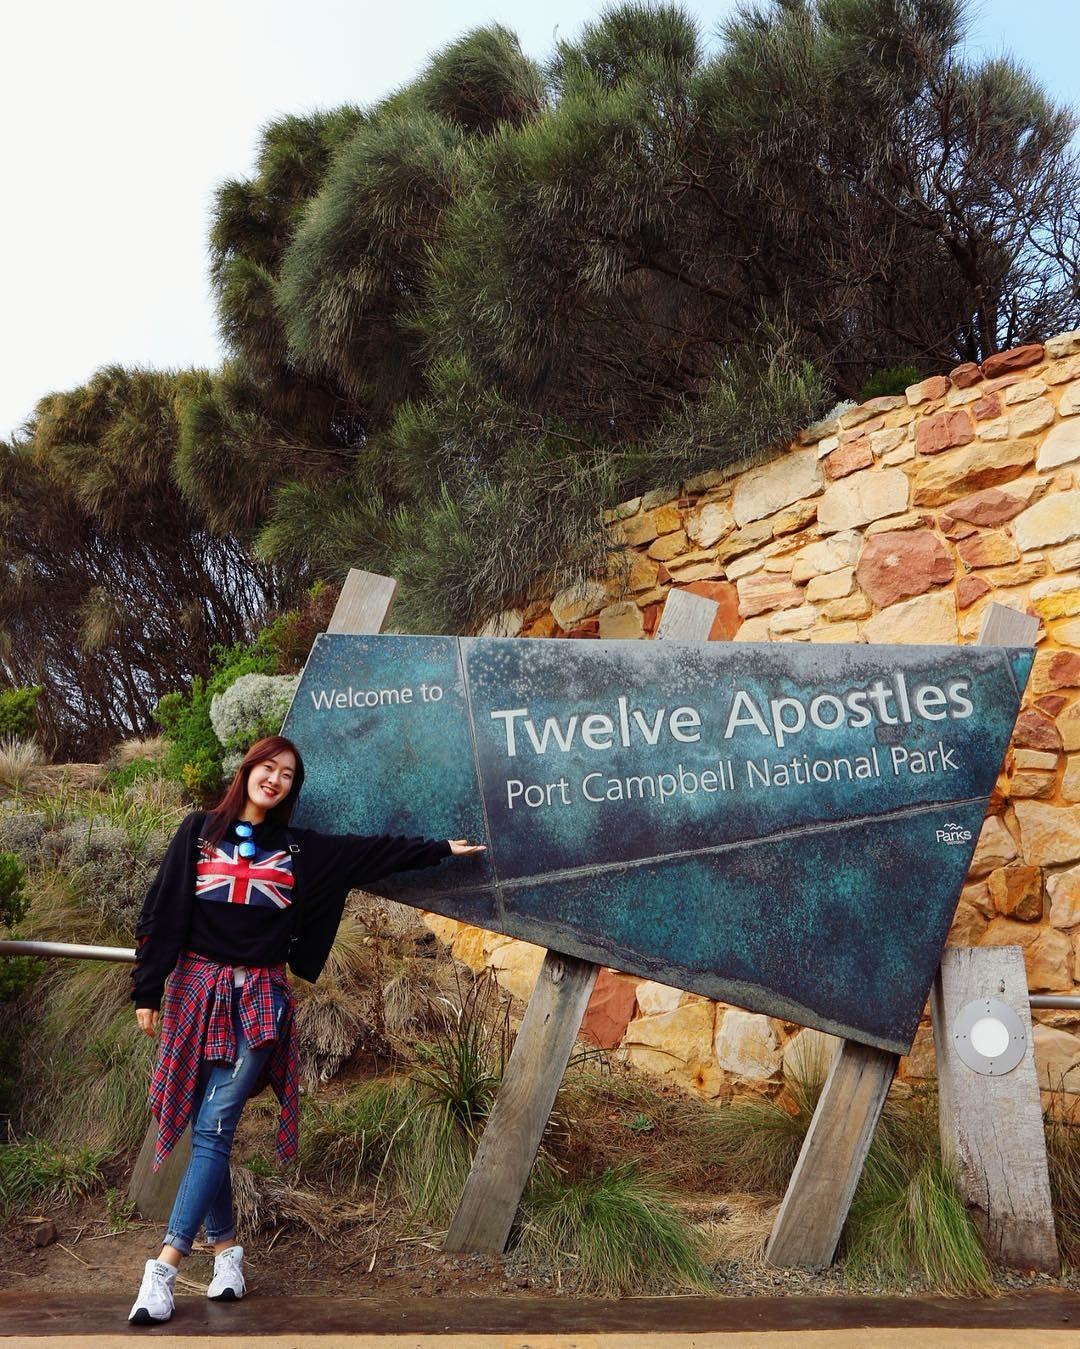 #여행스타그램 #travel #여행둘째날 #호주 #australia #멜버른 #melbourne #그레이트오션로드 #GreatOceanRoad #TwelveApostles #12사도 . . 여기는 12사도 입니다 . . by onlyone310